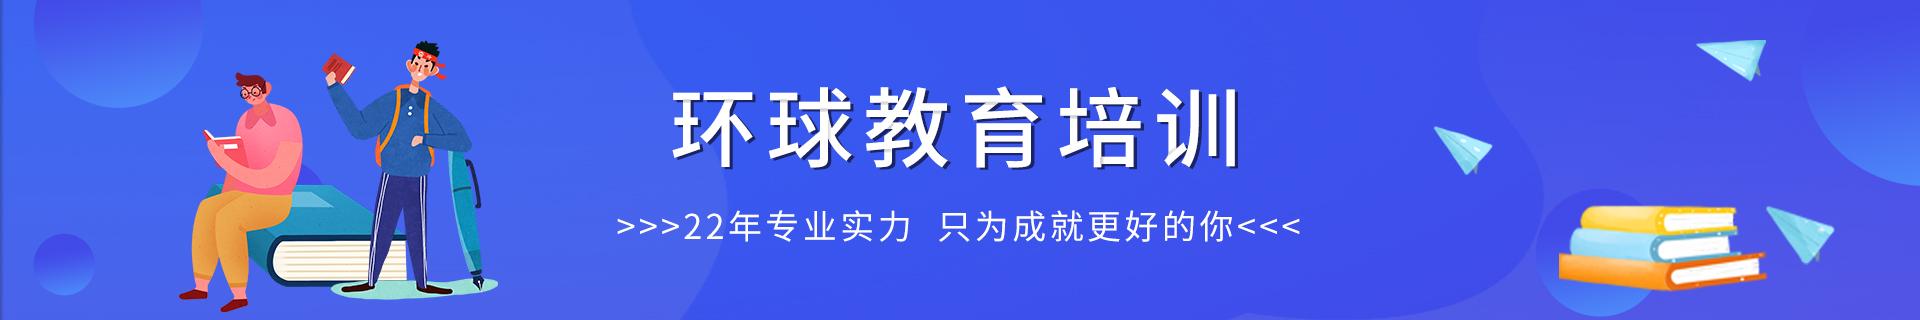 惠州惠城环球教育培训机构